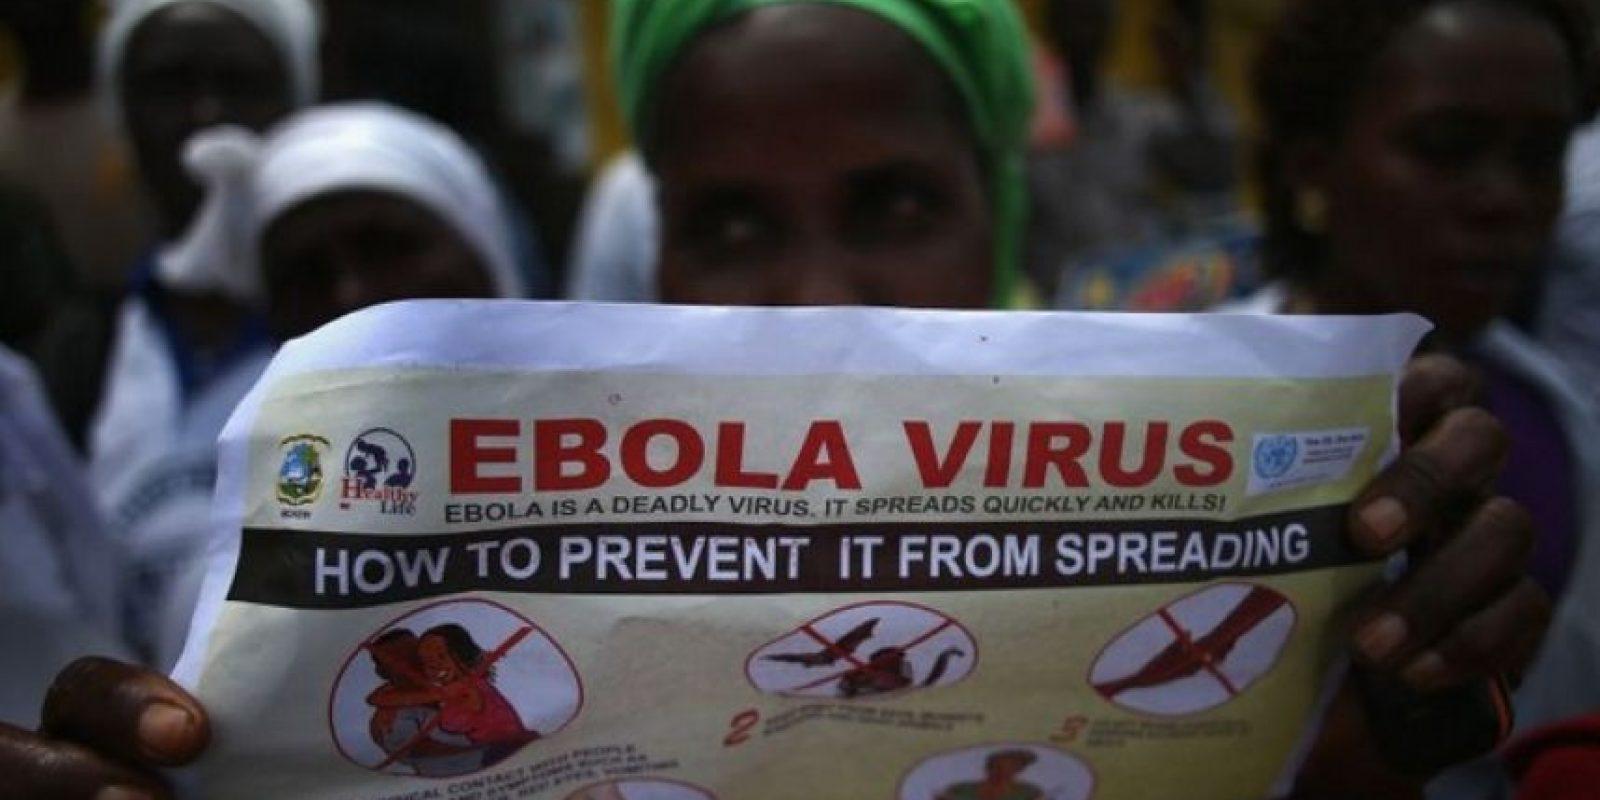 Fatu Kekula, una mujer de 22 años originaria de Liberia, salvó a su familia del Ébola, solamente utilizando bolsas de basura en septiembre de 2014 Foto:Getty Images